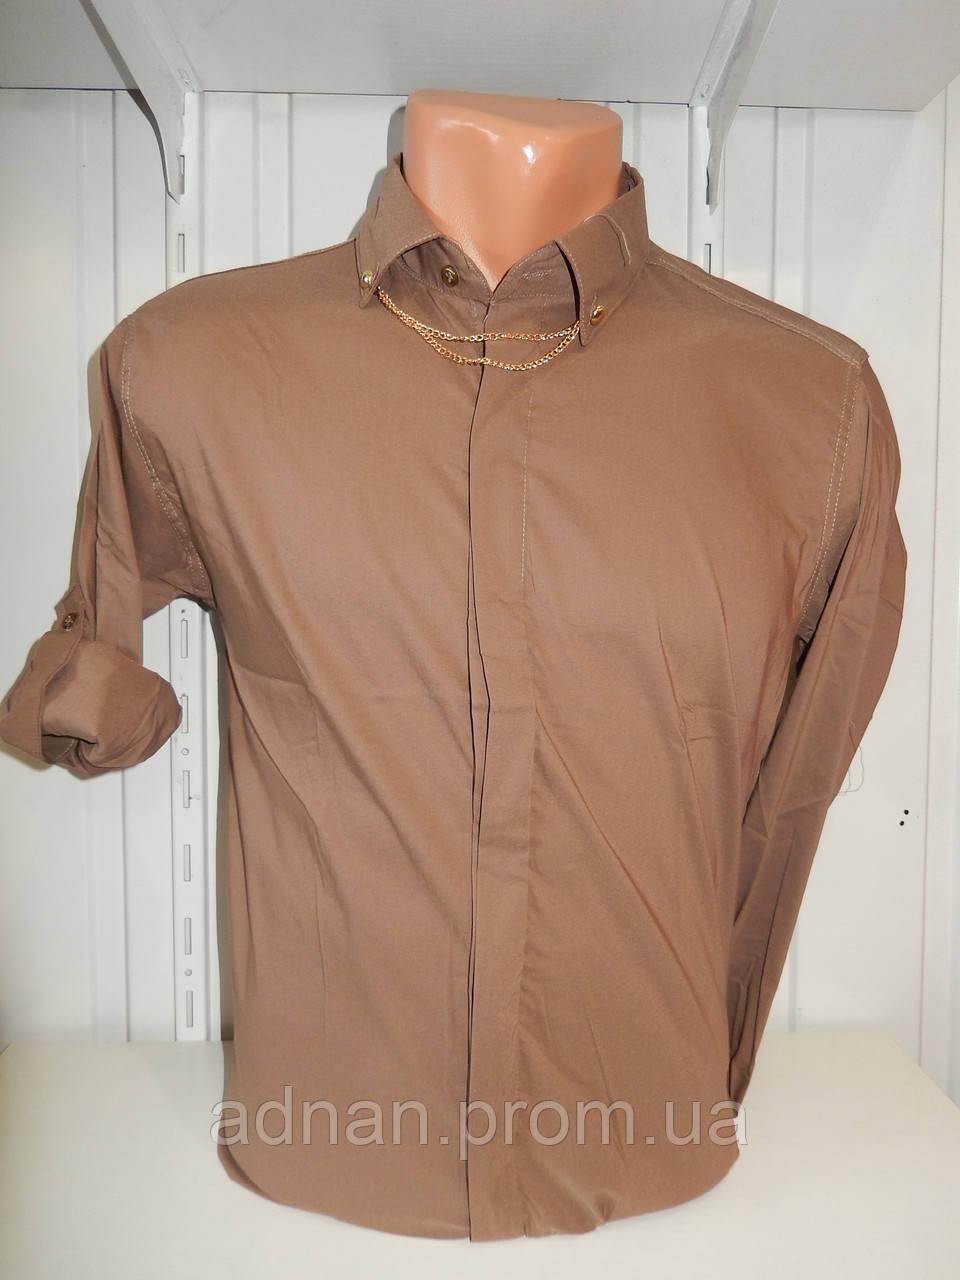 Сорочка чоловіча, рукав трансформер, однотонна, стрейч 007\ купити сорочку